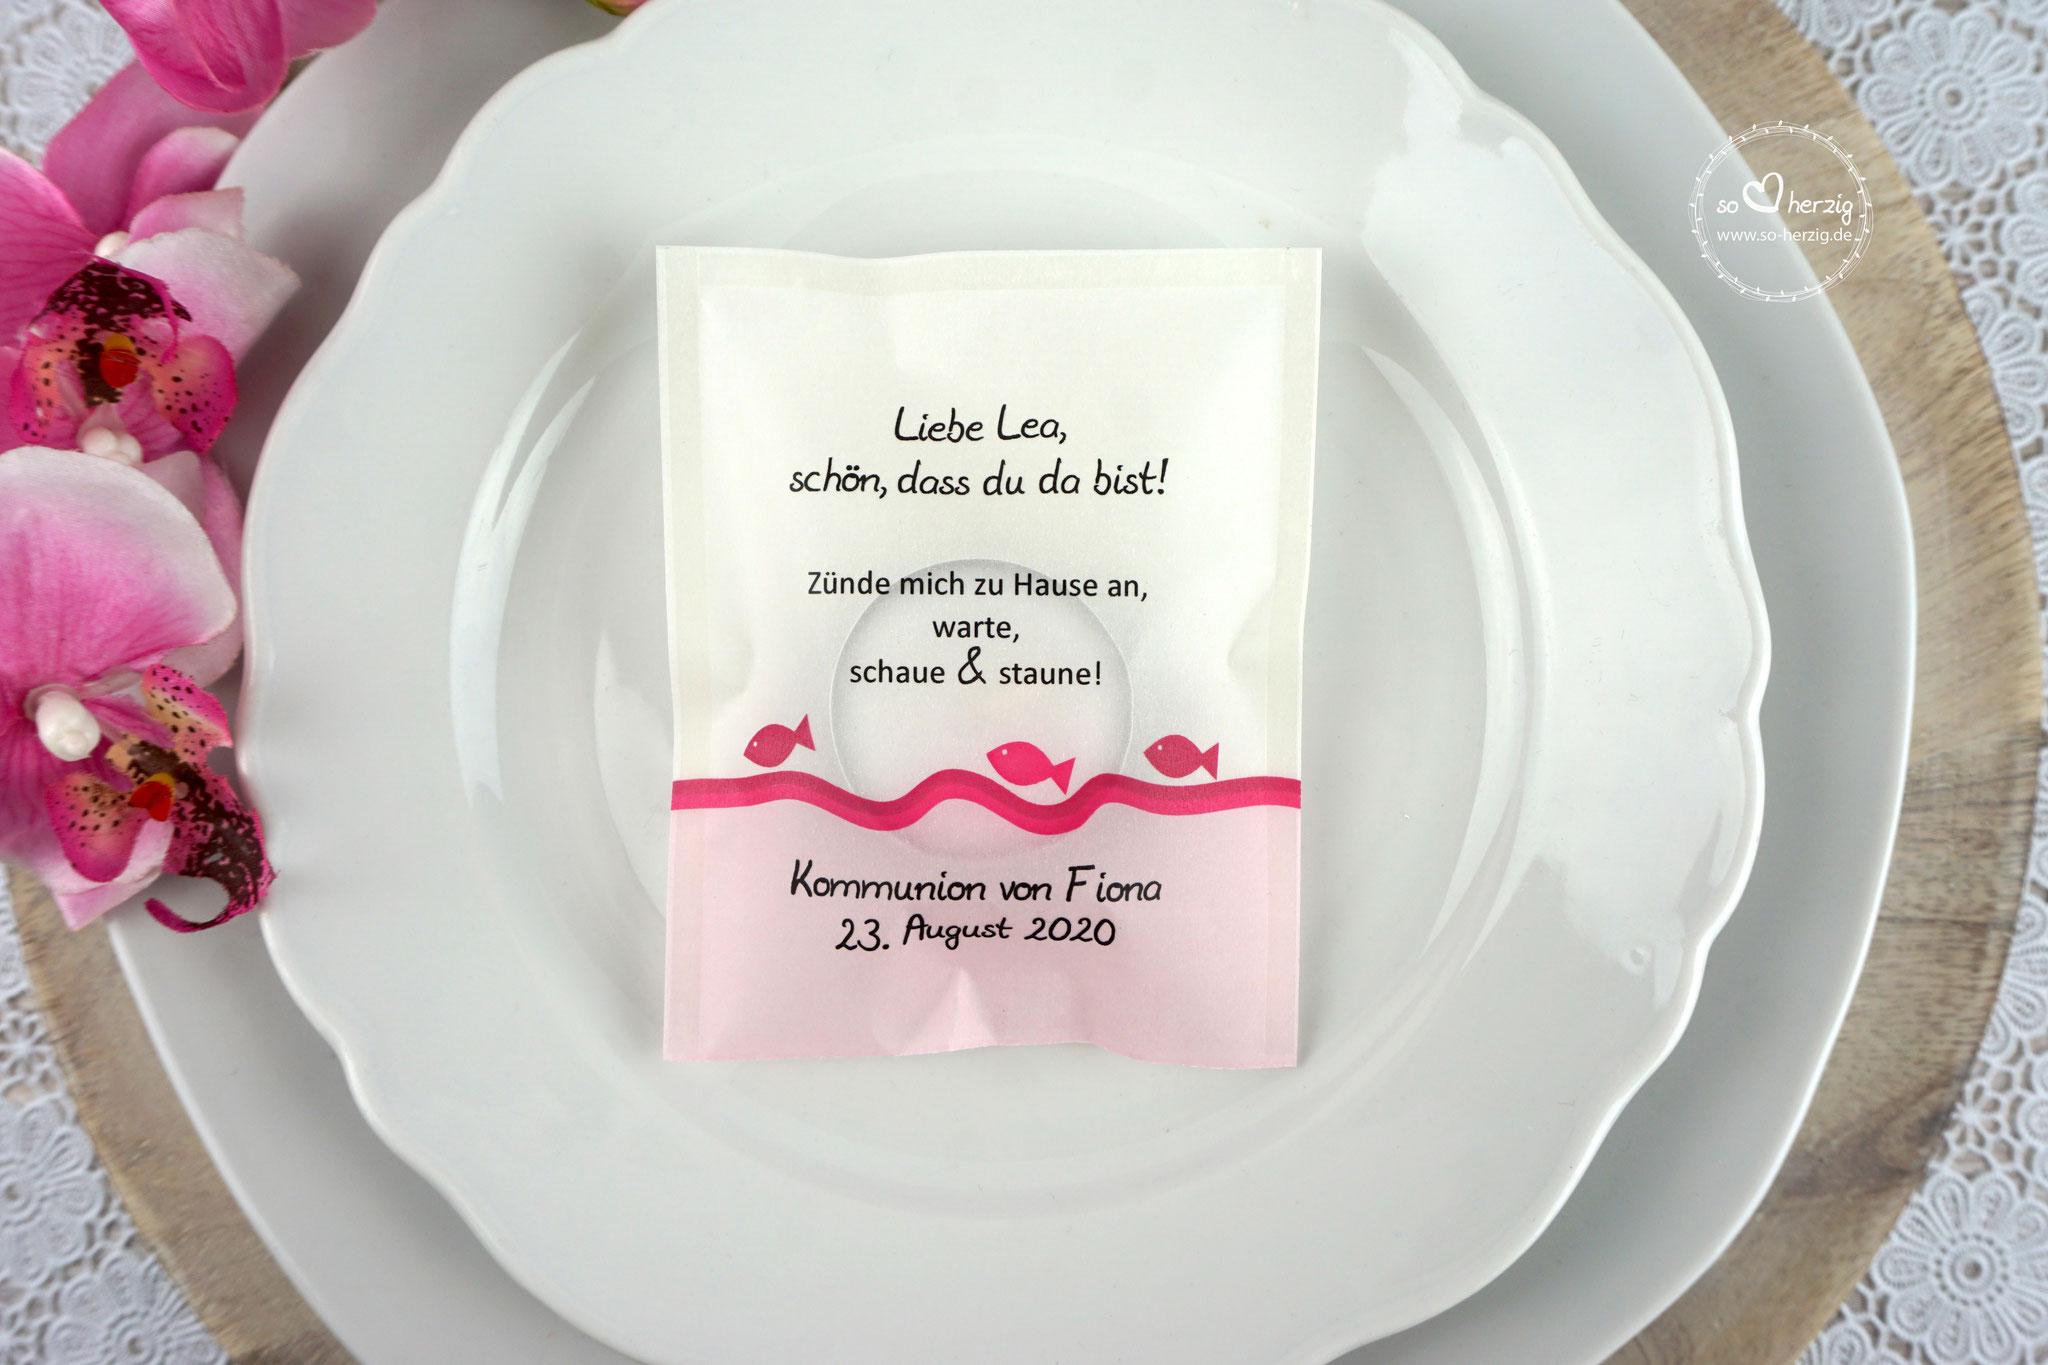 """Teelicht-Botschaft """"Verpackung als Platzkarte"""", Design Fische Pink"""